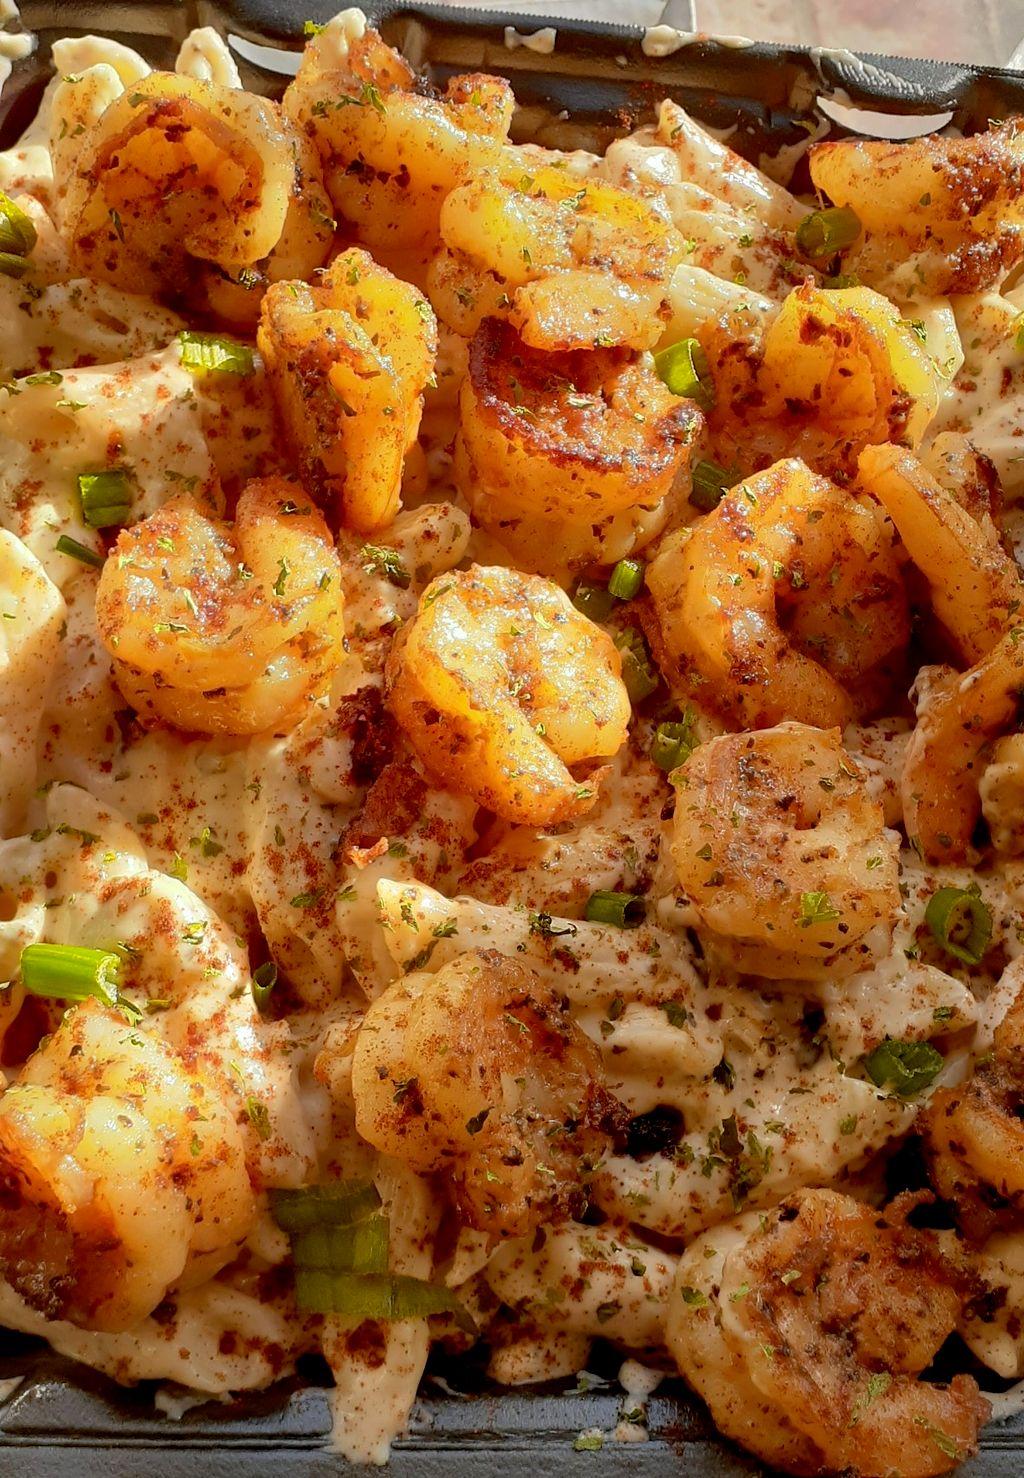 Shrimp over tchoupitoulas pasta